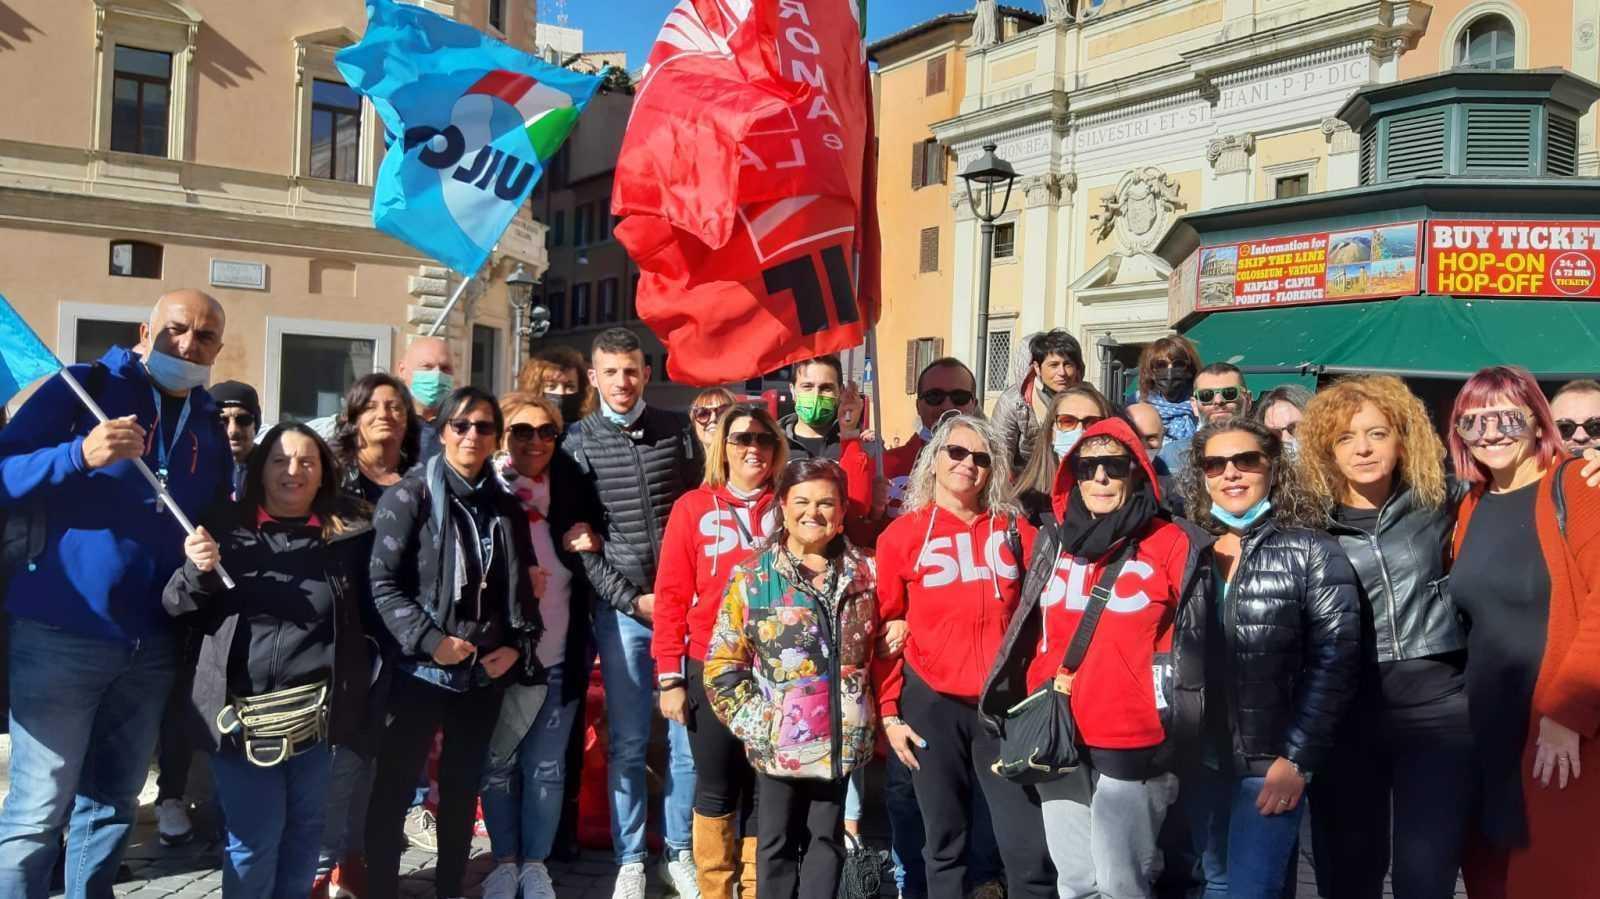 Lavoro, Pezzopane-Mura (Pd): in piazza a fianco dei lavoratori Inps per vertenza su internalizzazione. Governo e INPS facciamo la loro parte